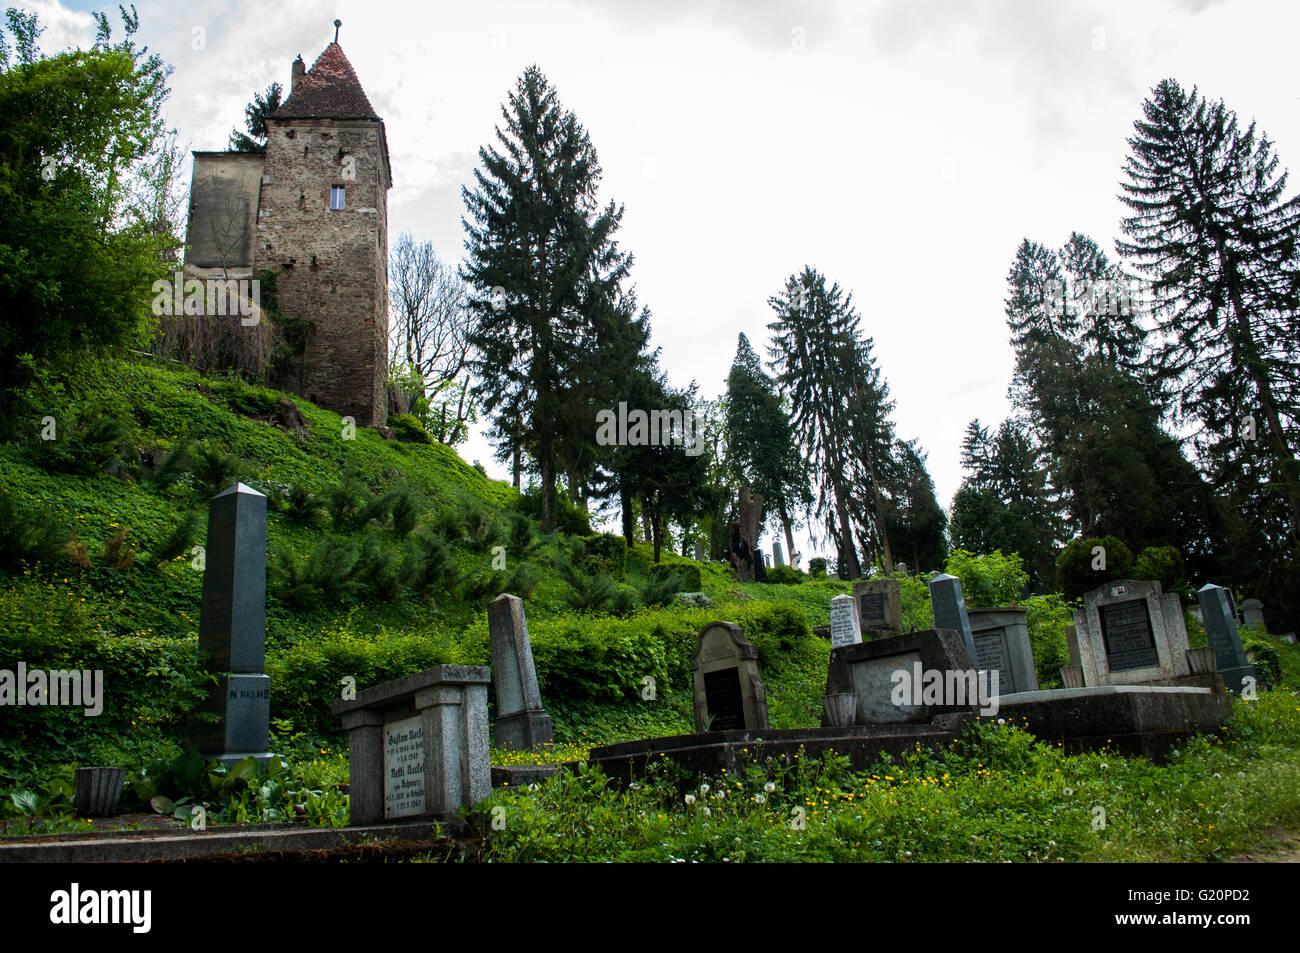 Cimetière médiéval - tour de guet plus vieux cimetière à Sighisoara, Roumanie Photo Stock